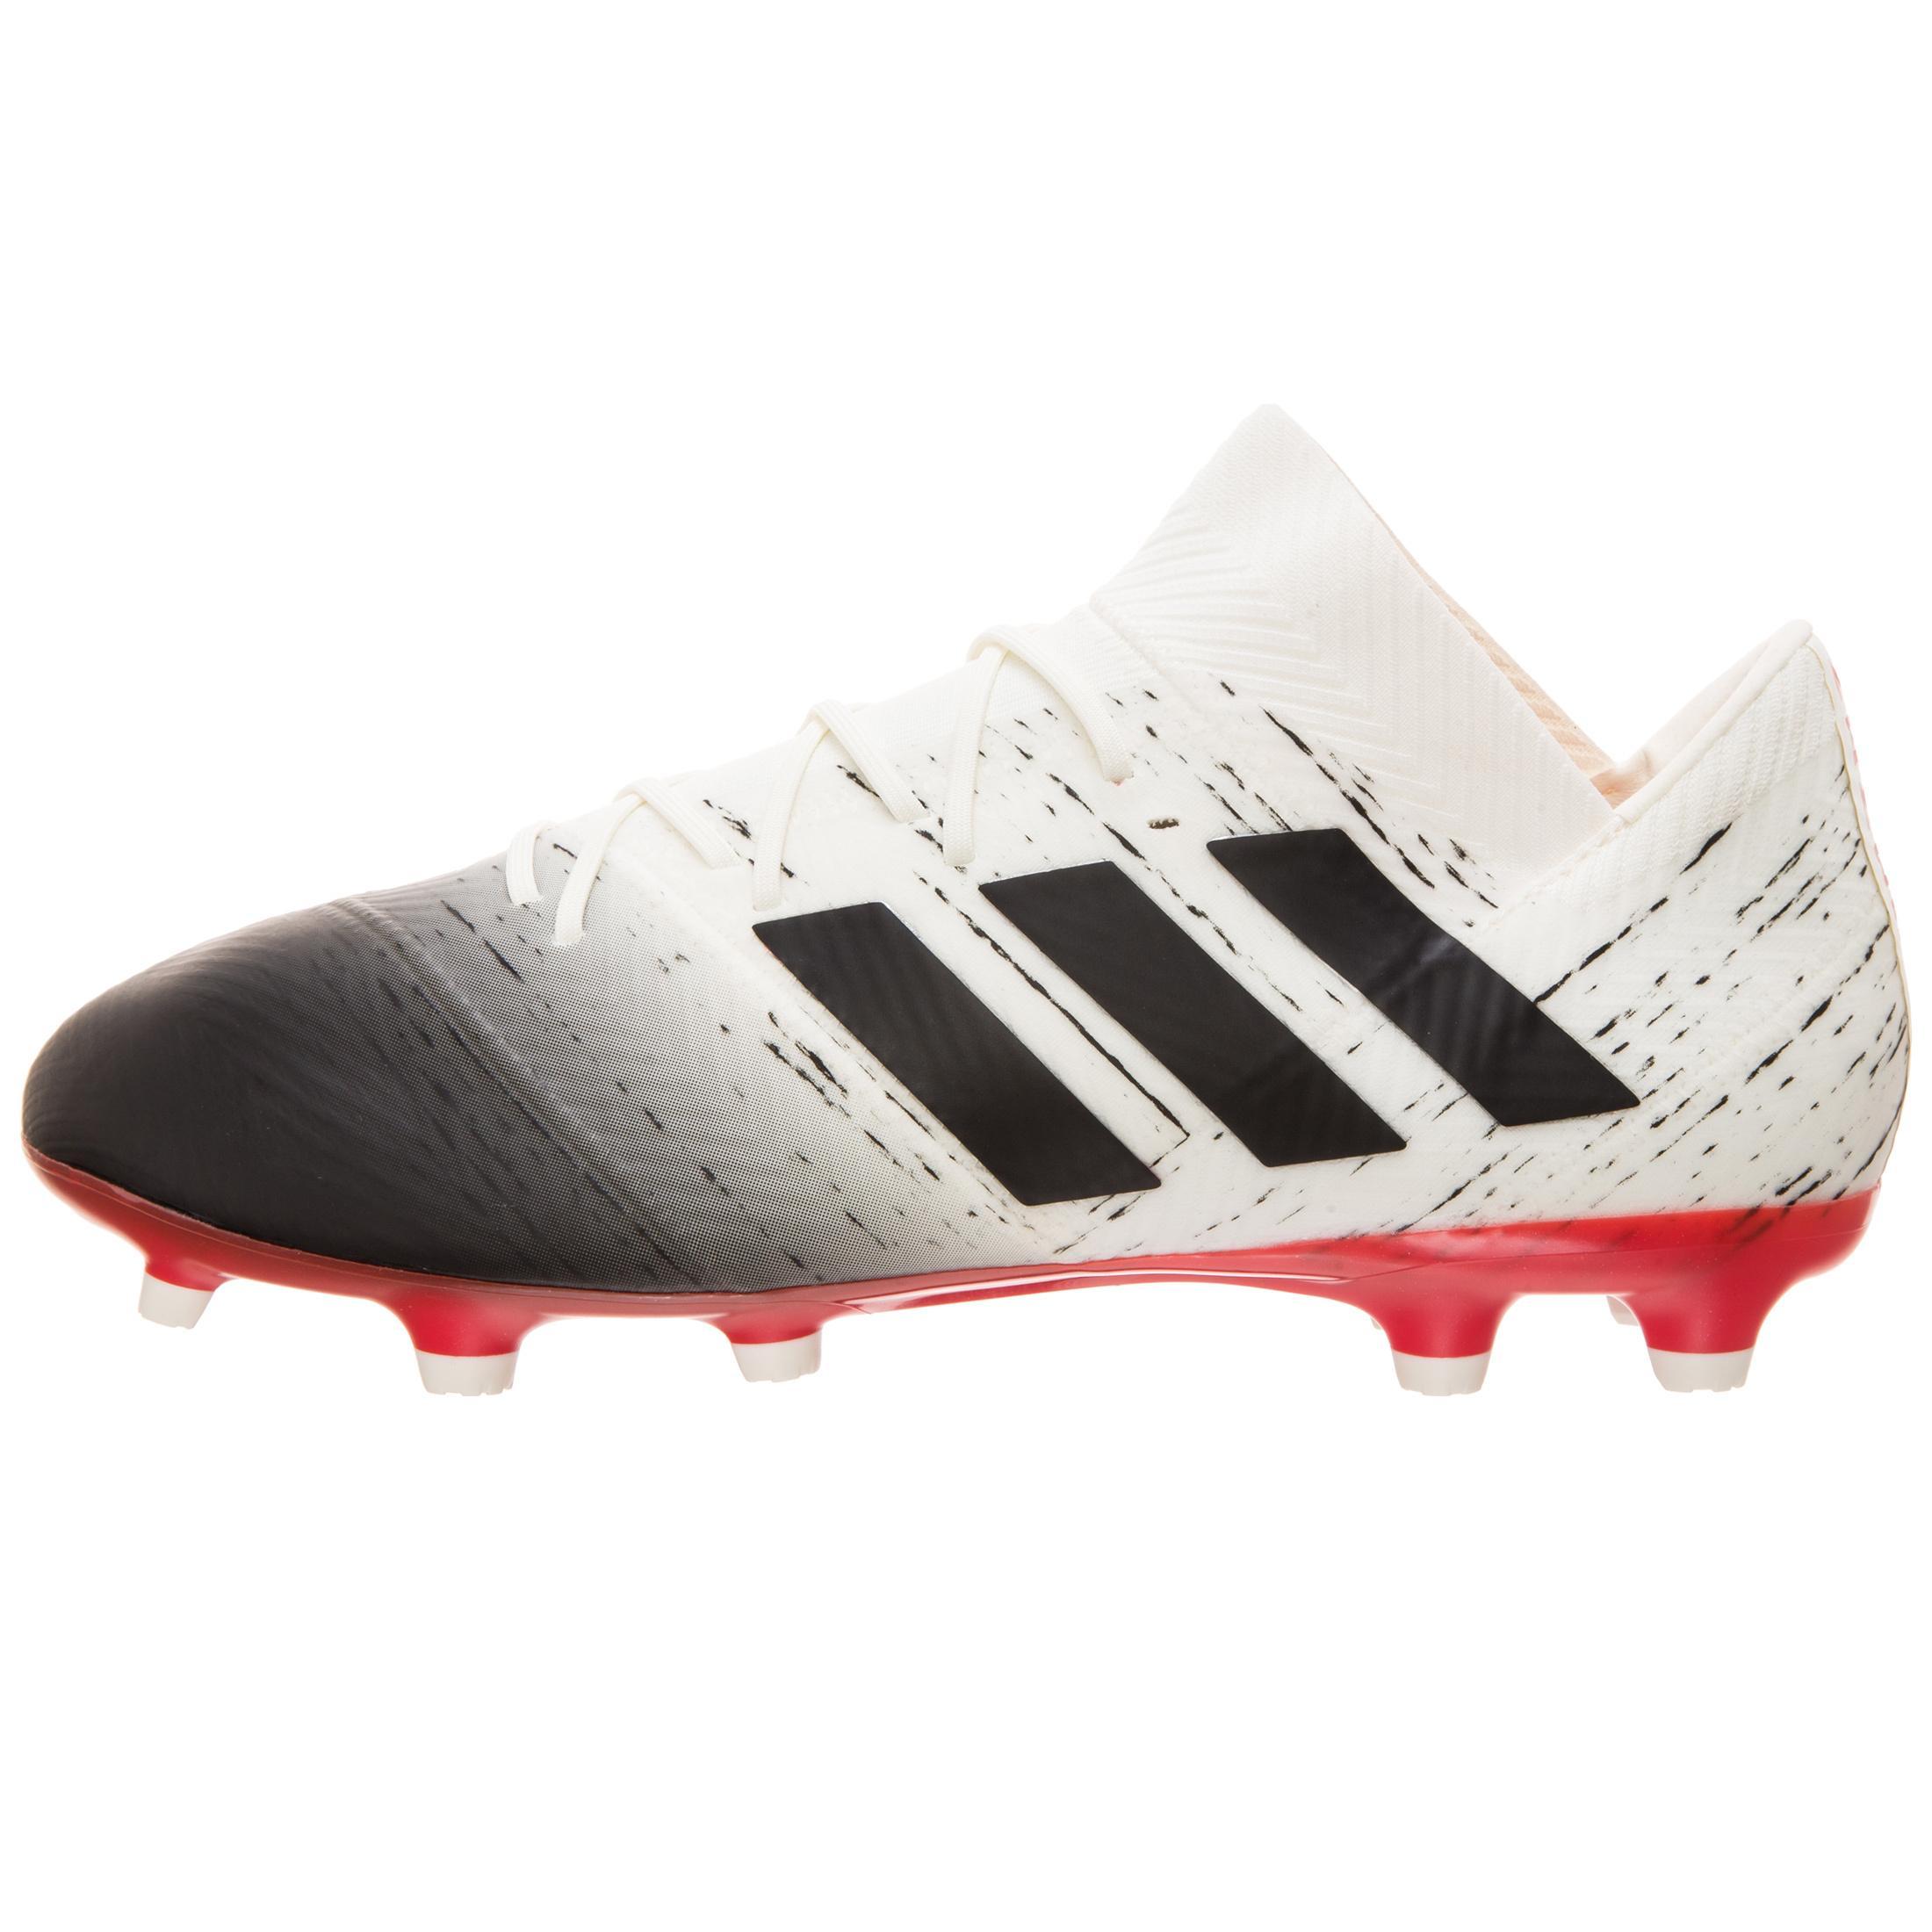 Weiß Sportscheck Im Herren Adidas 18 Nemeziz Kaufen Shop 2 Von Fußballschuhe Online Schwarz YE9DI2HW